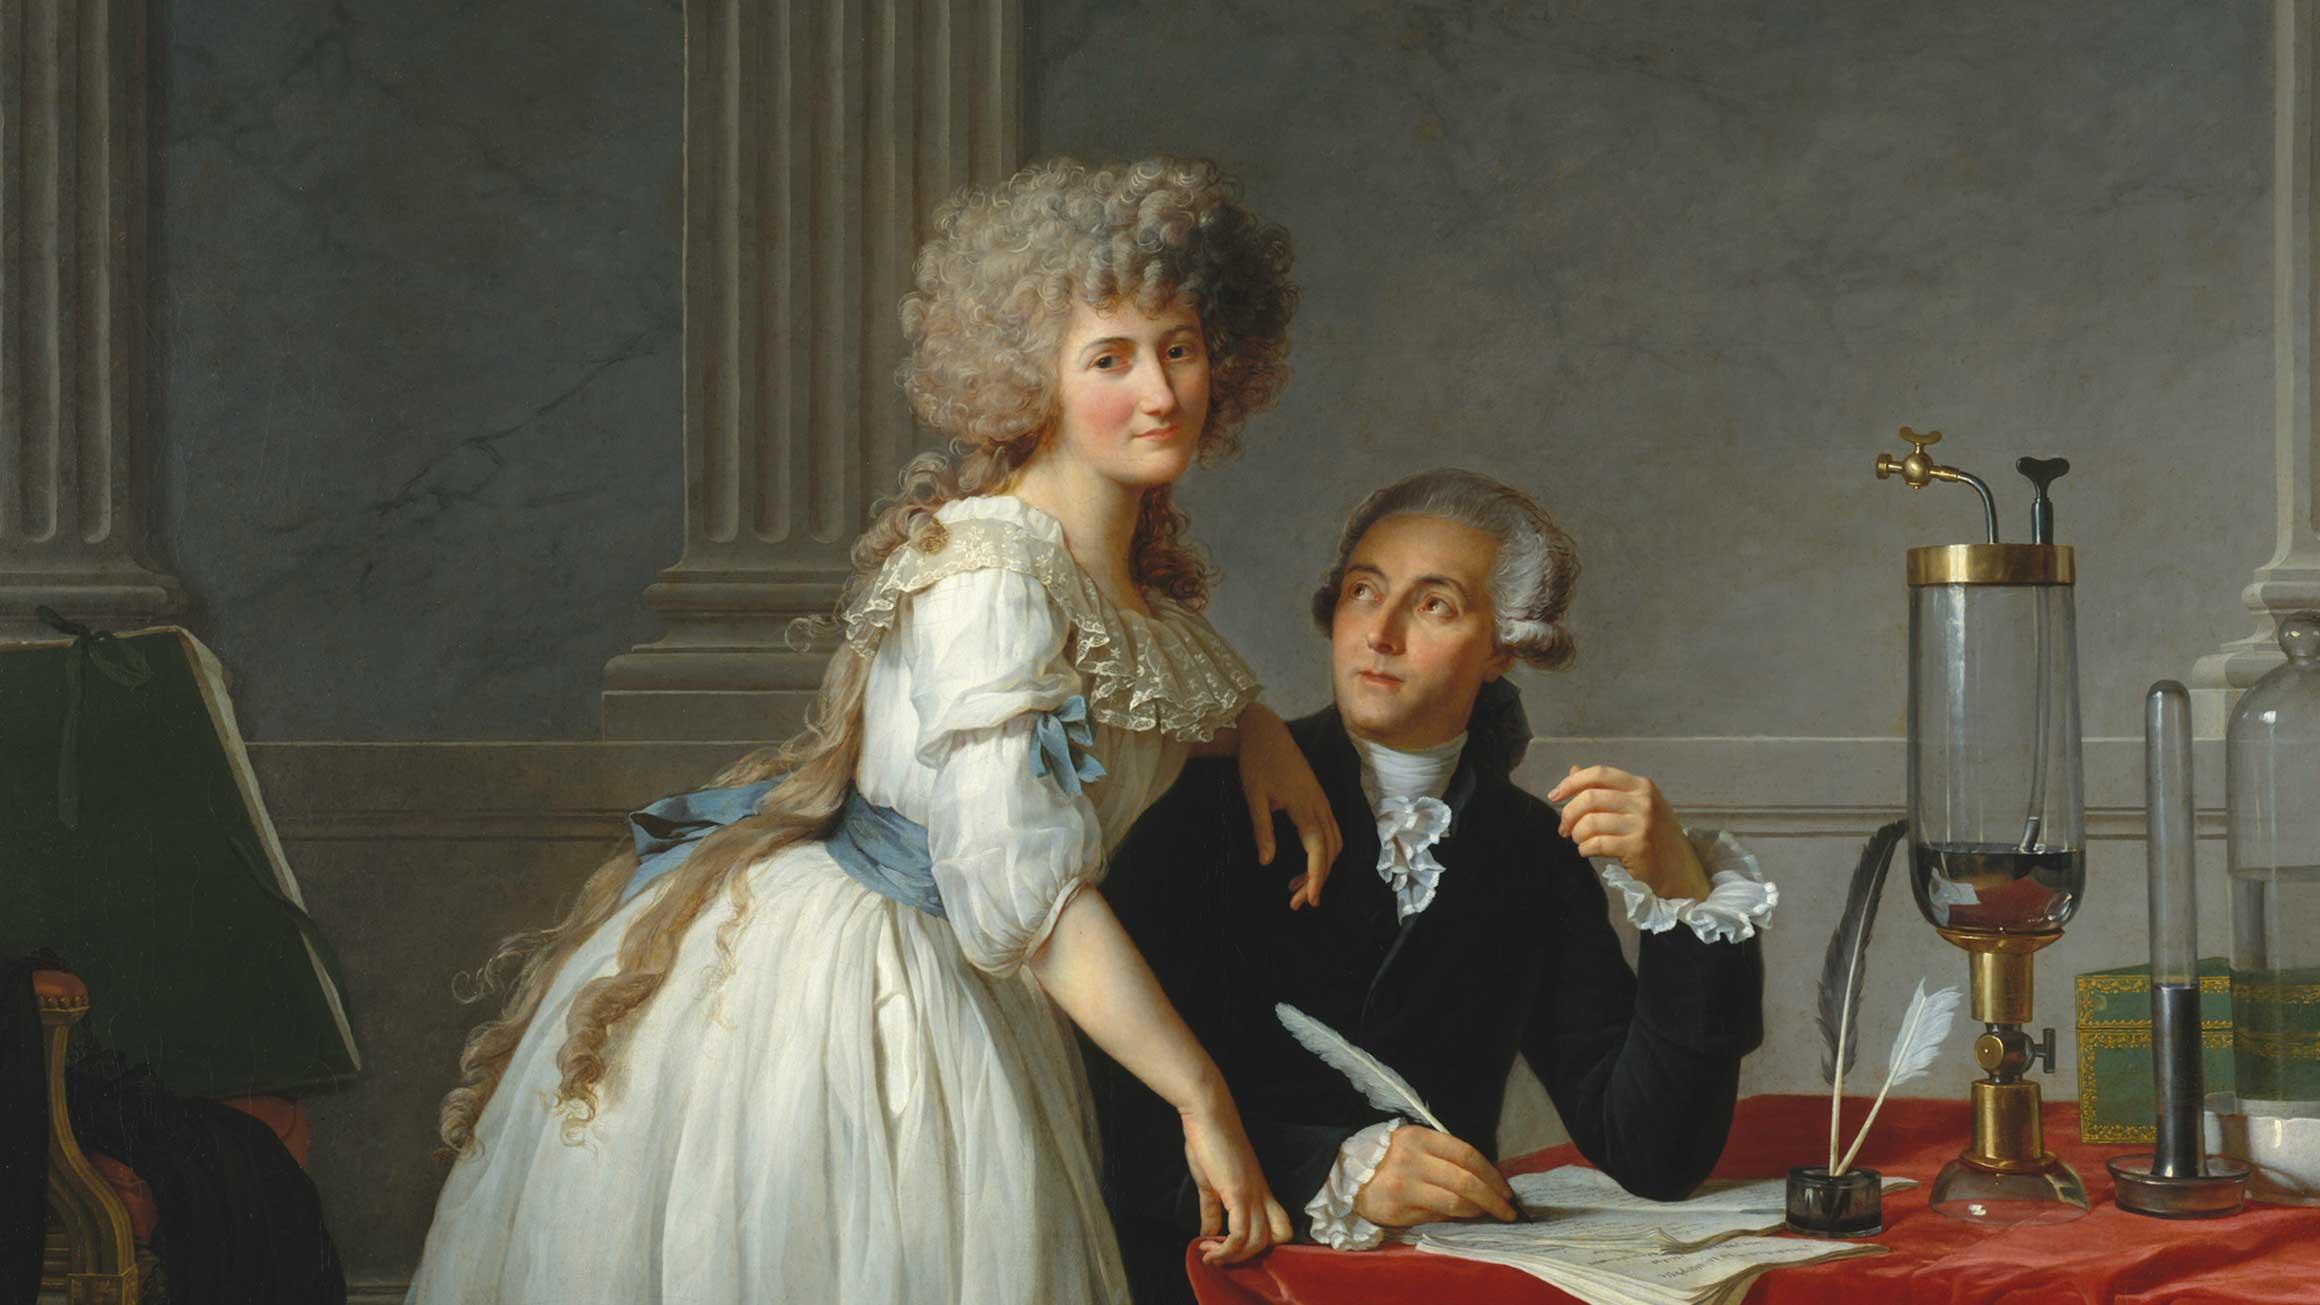 Jacques-Louis David's 1788 portrait of Antoine Laurent Lavoisier and Marie-Anne Lavoisier